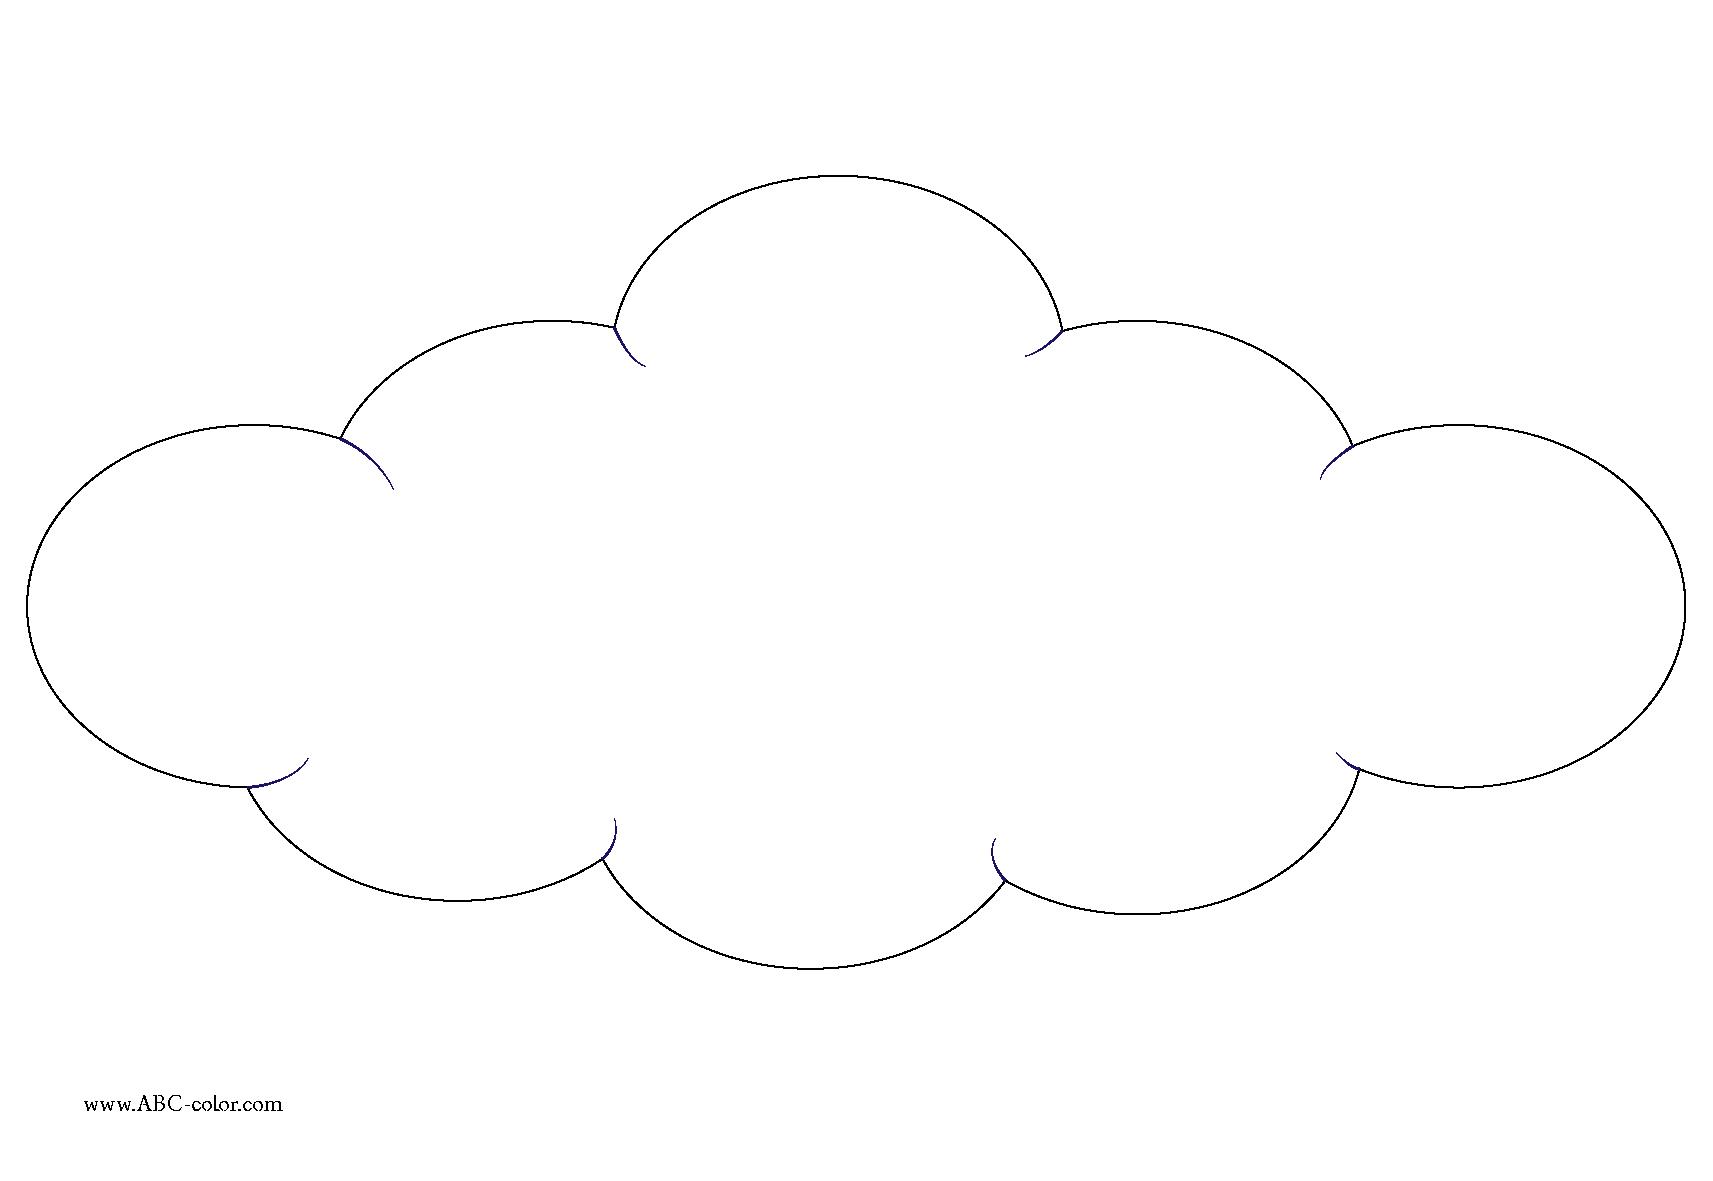 http://www.abc-color.com/image/coloring/clouds/001/cloud/cloud-bitmap-coloring.png